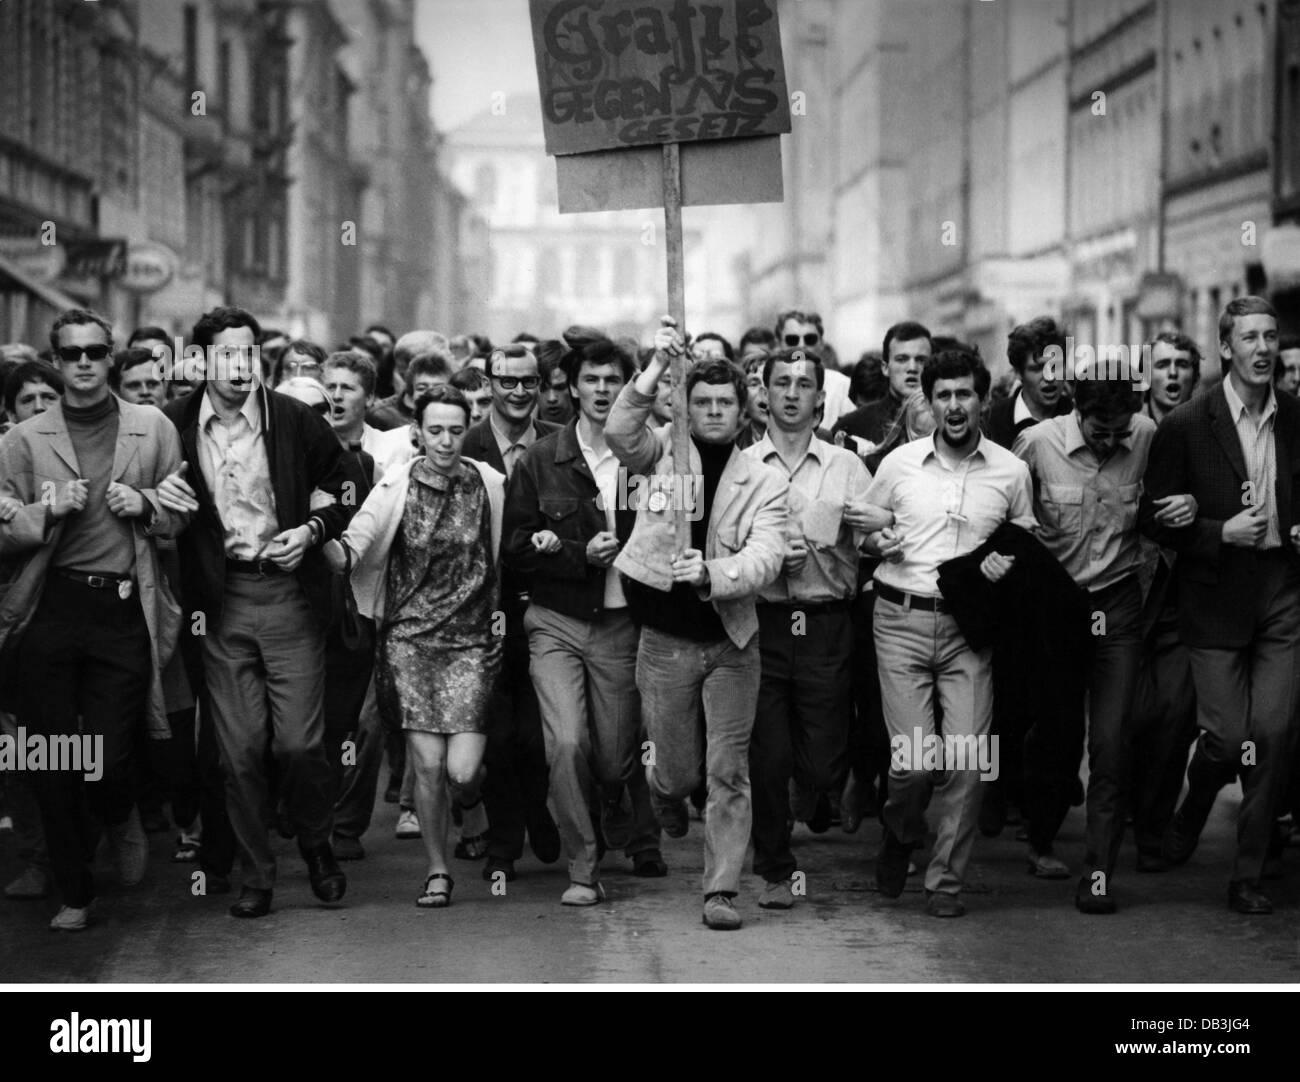 Política, manifestaciones, Alemania, protesta contra las leyes de emergencia, estudiantes corriendo con bandera Foto de stock